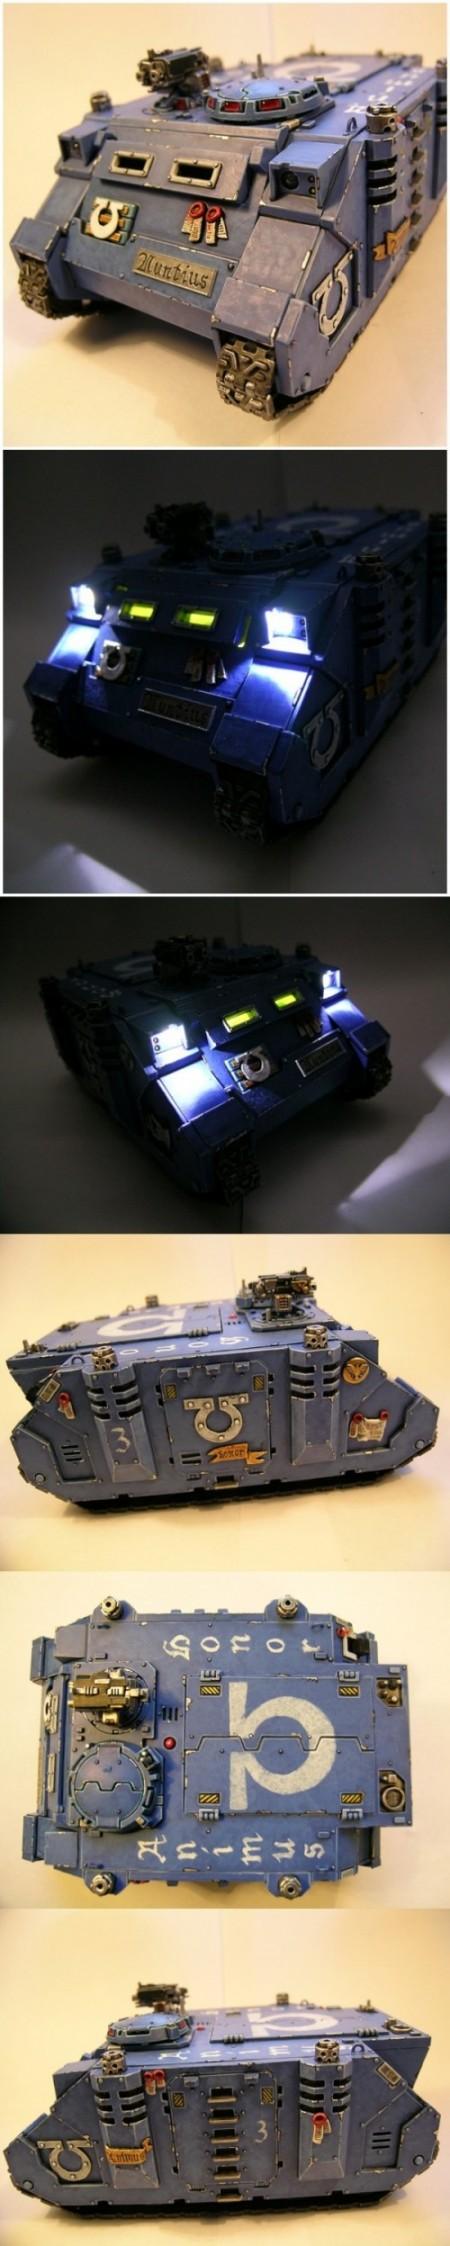 Space Marine: Rino 'Nuntius' Ultramarines of the day and night